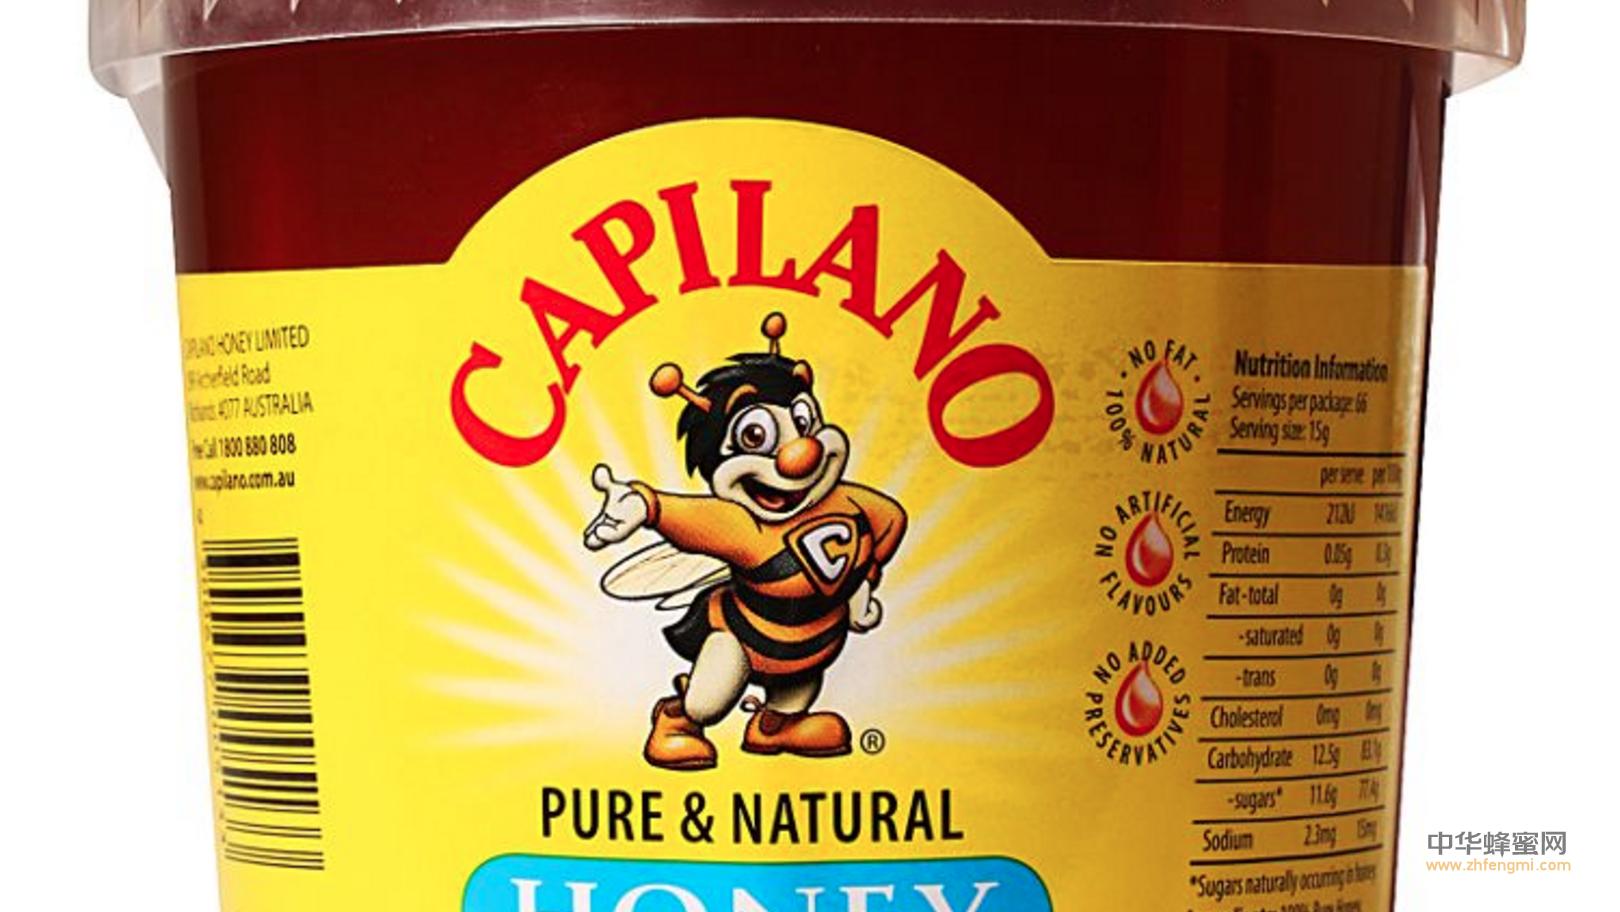 新加坡 蜂蜜进口 Capilano蜂蜜 食品安全